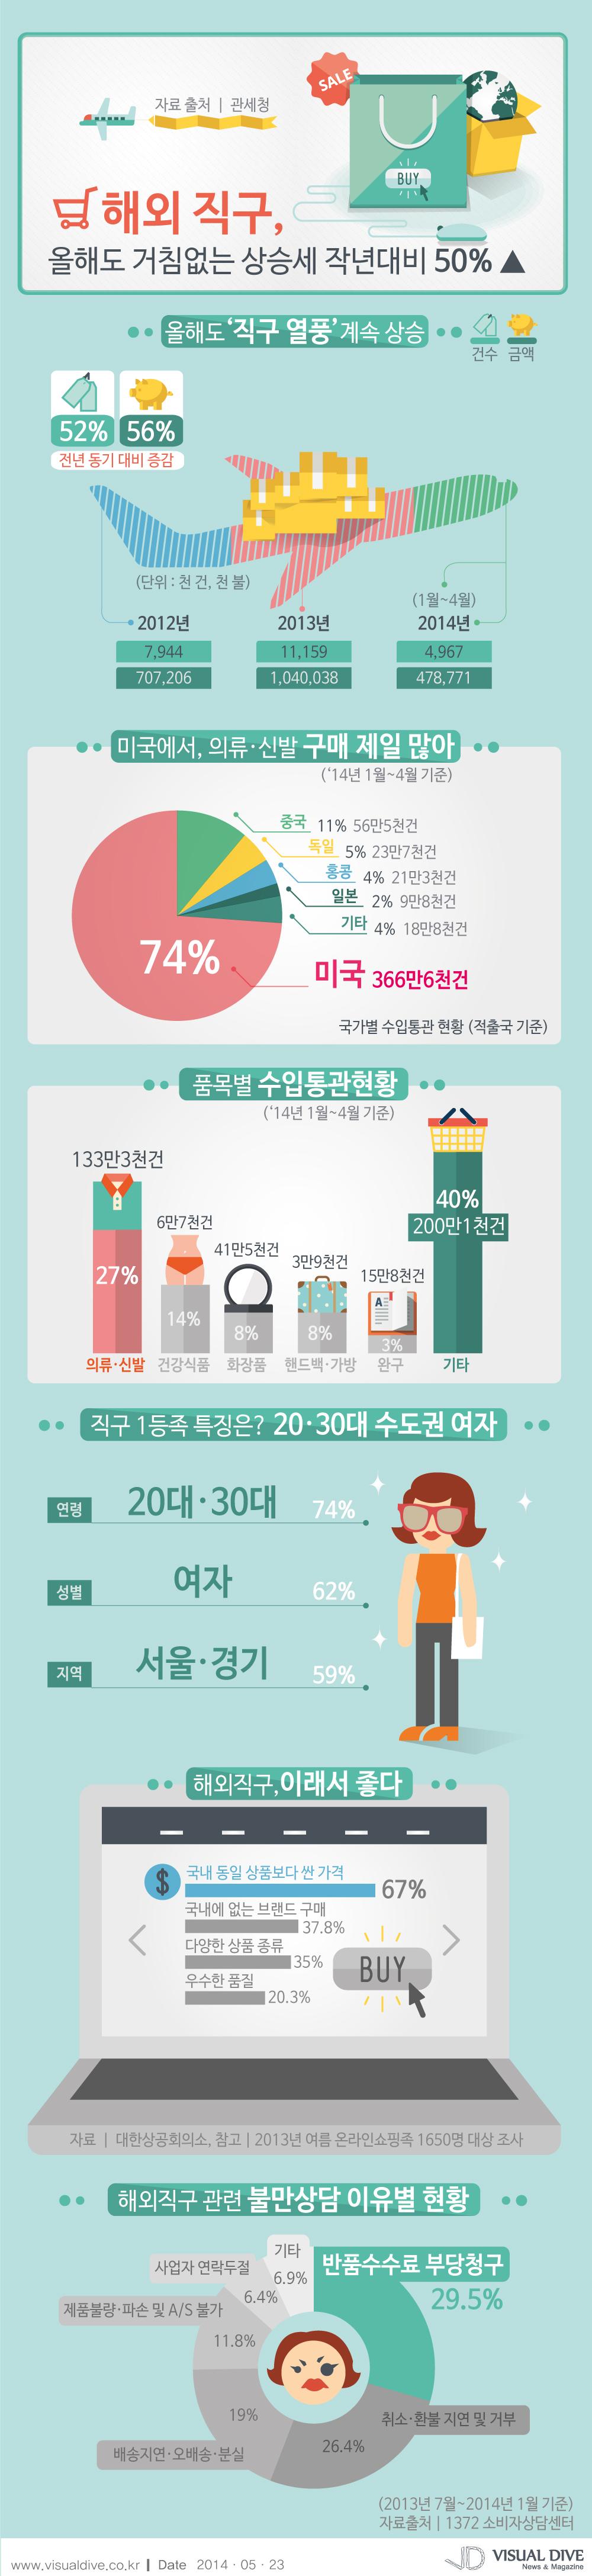 해외 직구 올해도 거침없는 상승세, 작년대비 50% 이상 증가 [인포그래픽] #purchase #Infographic ⓒ 비주얼다이브 무단 복사·전재·재배포